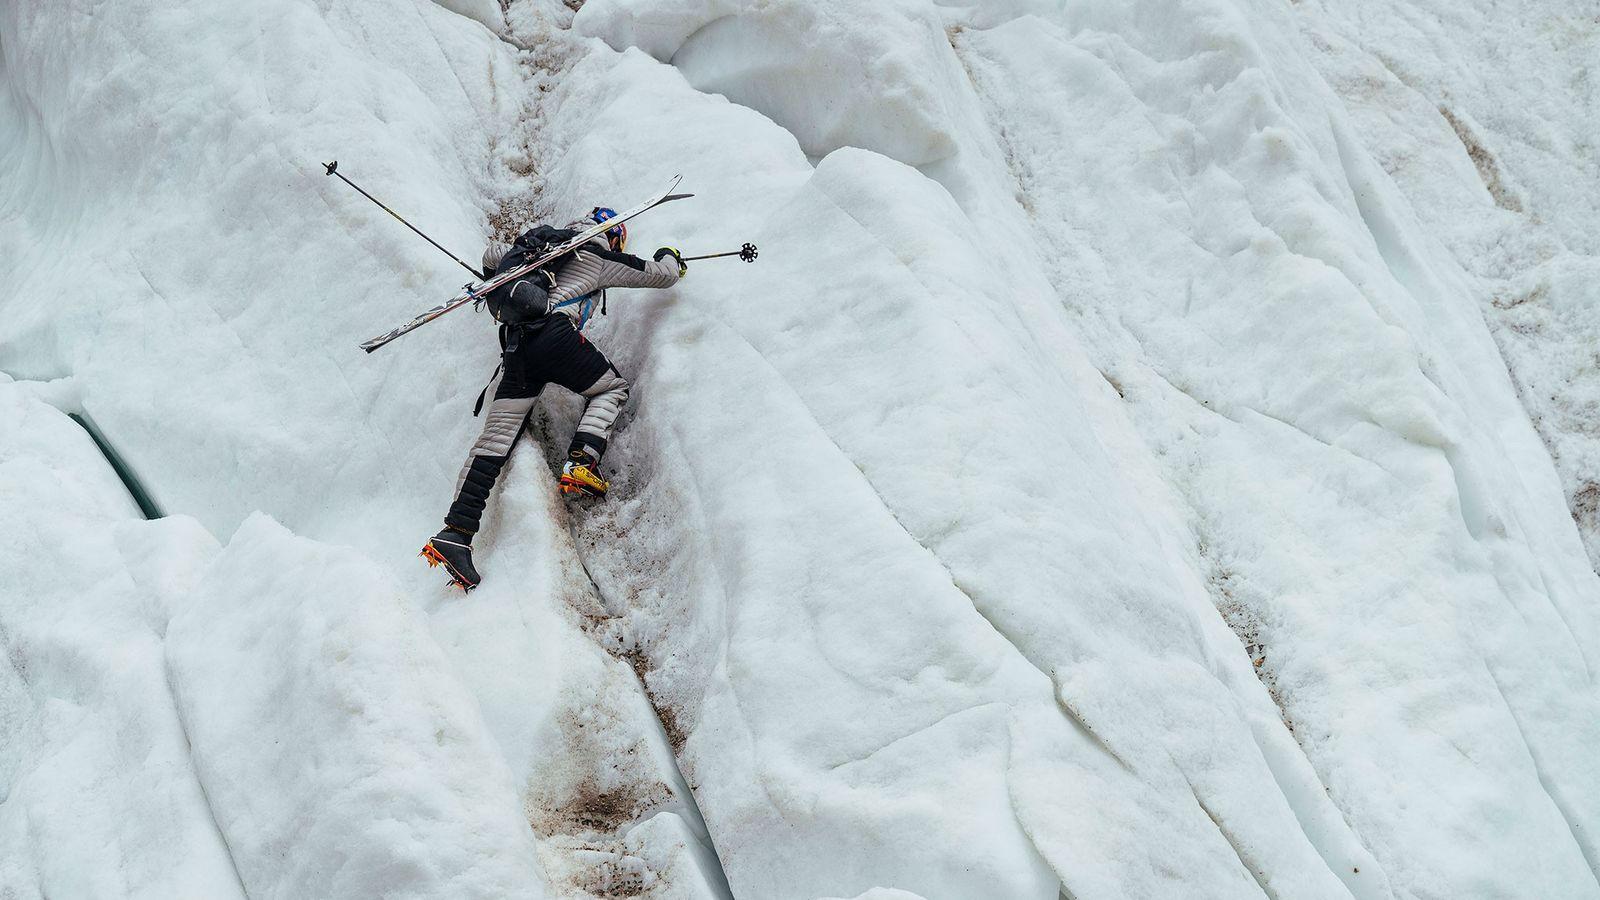 En juillet dernier, après plusieurs jours d'ascension, Andrzej Bargiel a descendu le K2 à skis. Deuxième ...